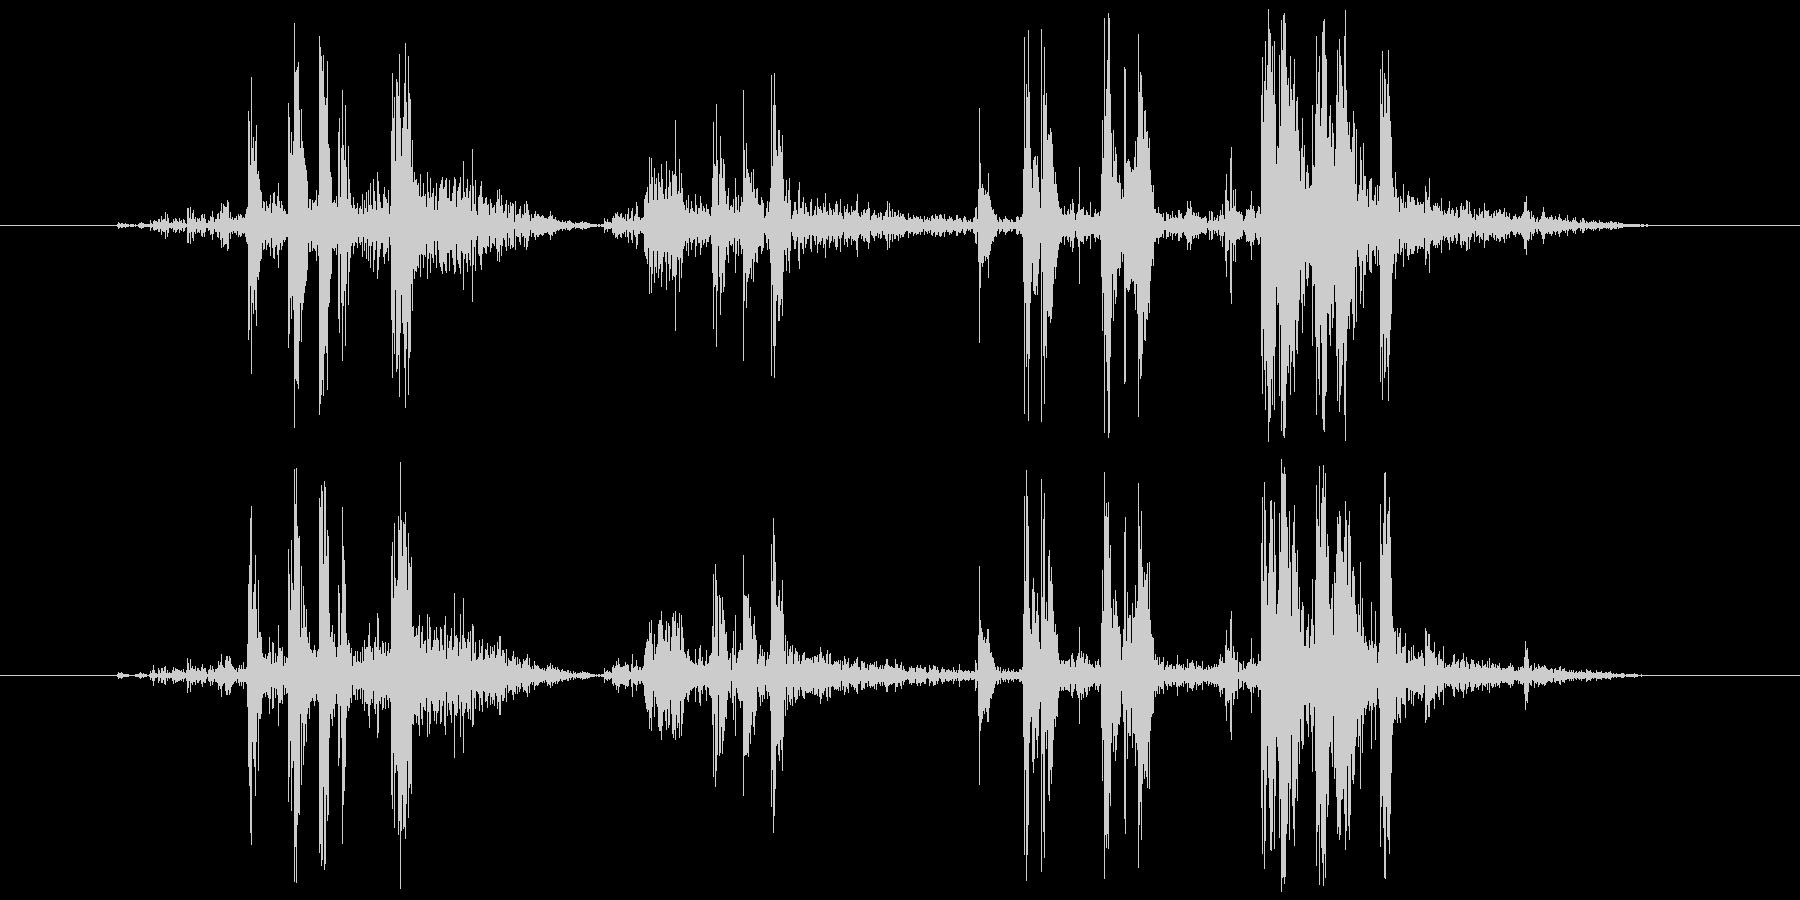 カメラ シャッター音(ノイジー)カッシッの未再生の波形